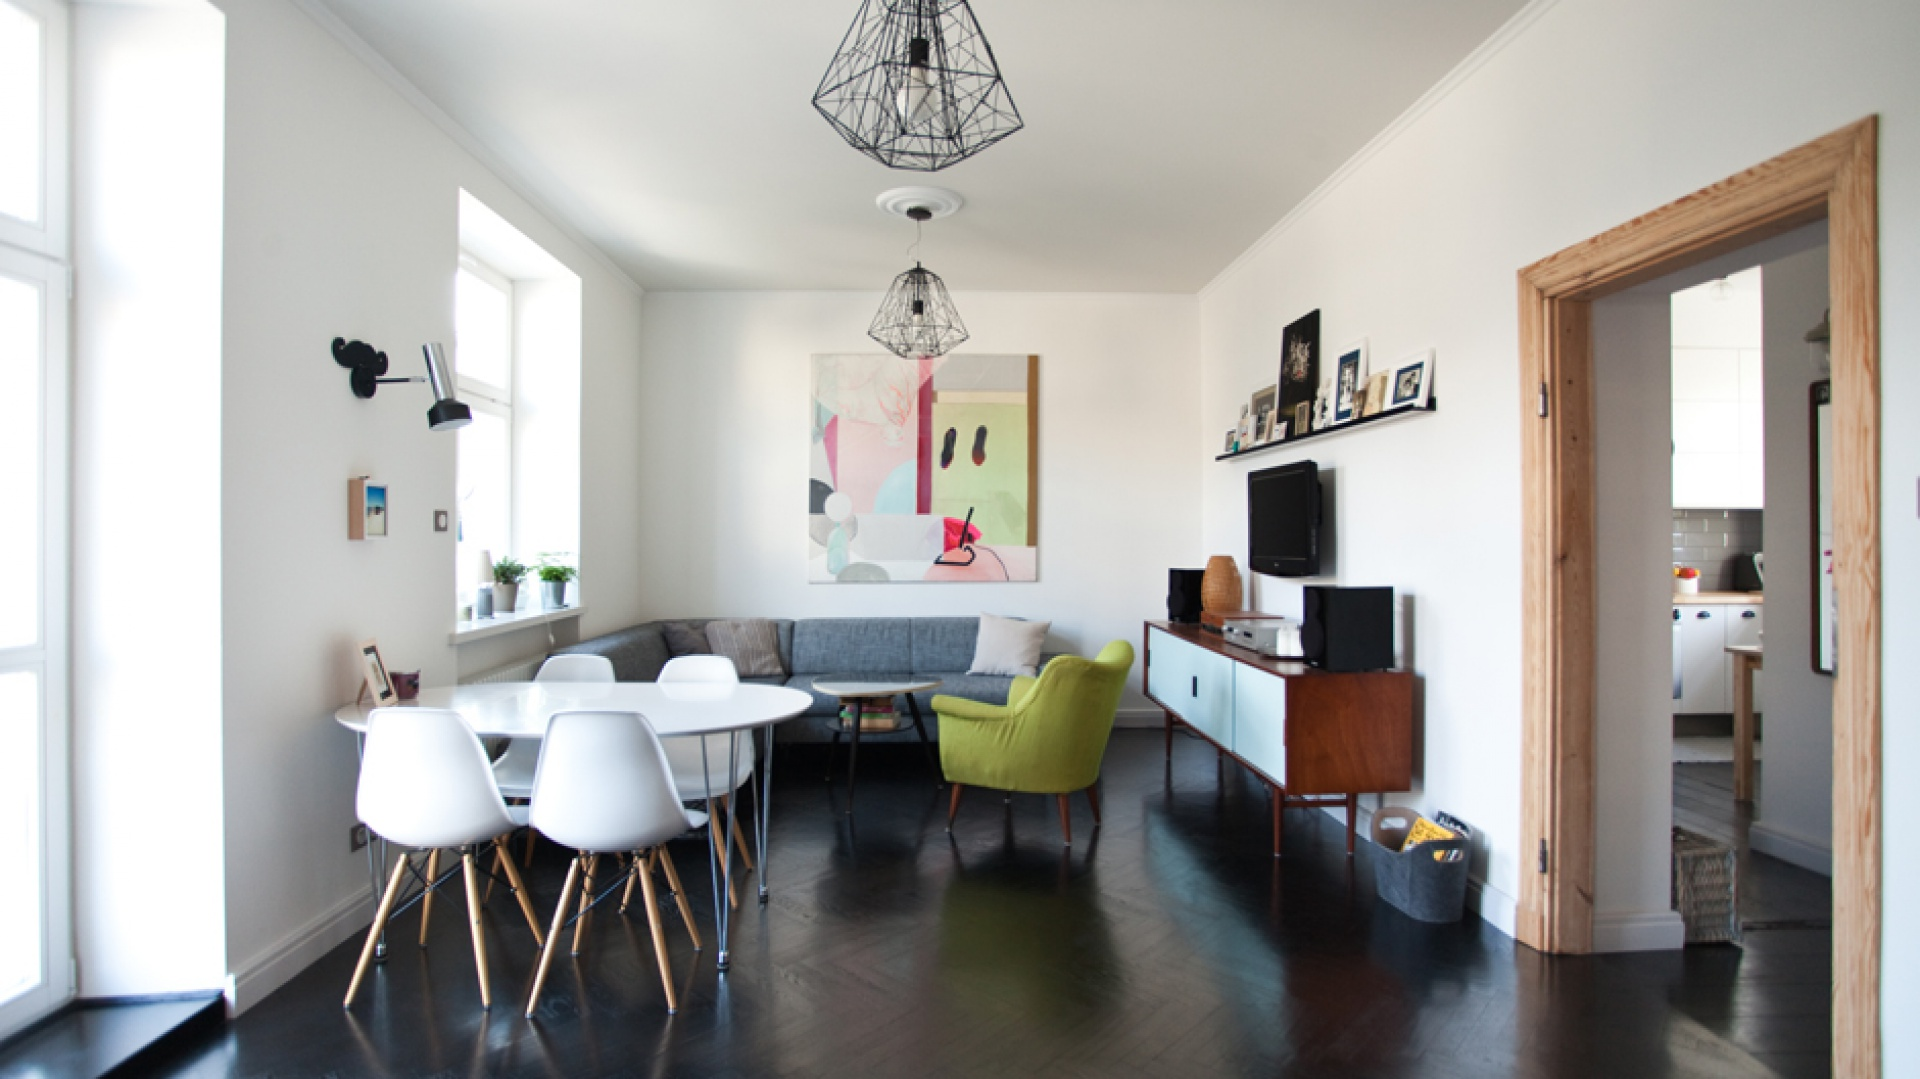 W mieszkaniu udało się zachować stare drewniane podłogi. Poddano je gruntownej renowacji - zostały wycyklinowane i pomalowane na stylową czerń. Projekt: Magdalena Ilmer, Boho Studio. Fot. Boho Studio.